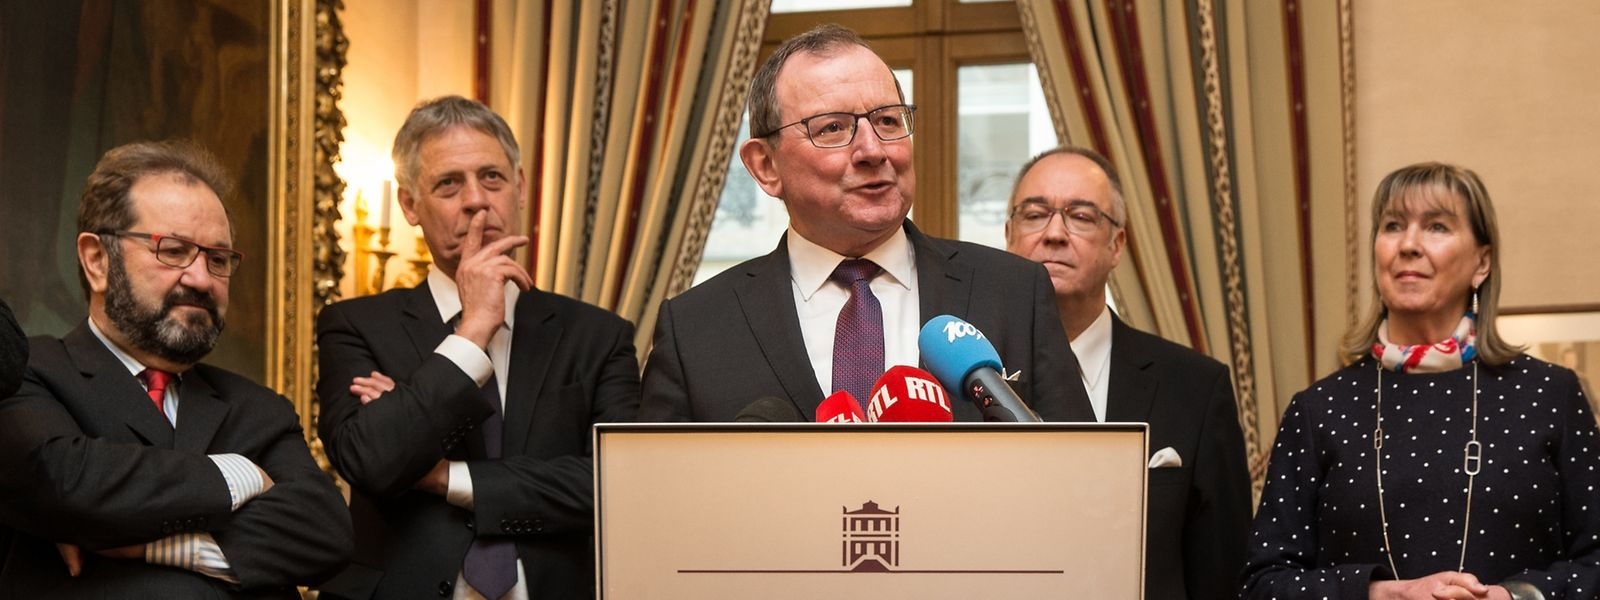 Fernand Etgen, président de la Chambre des députés: «Une campagne de sensibilisation sur la future Constitution va être préparée dans les semaines à venir».